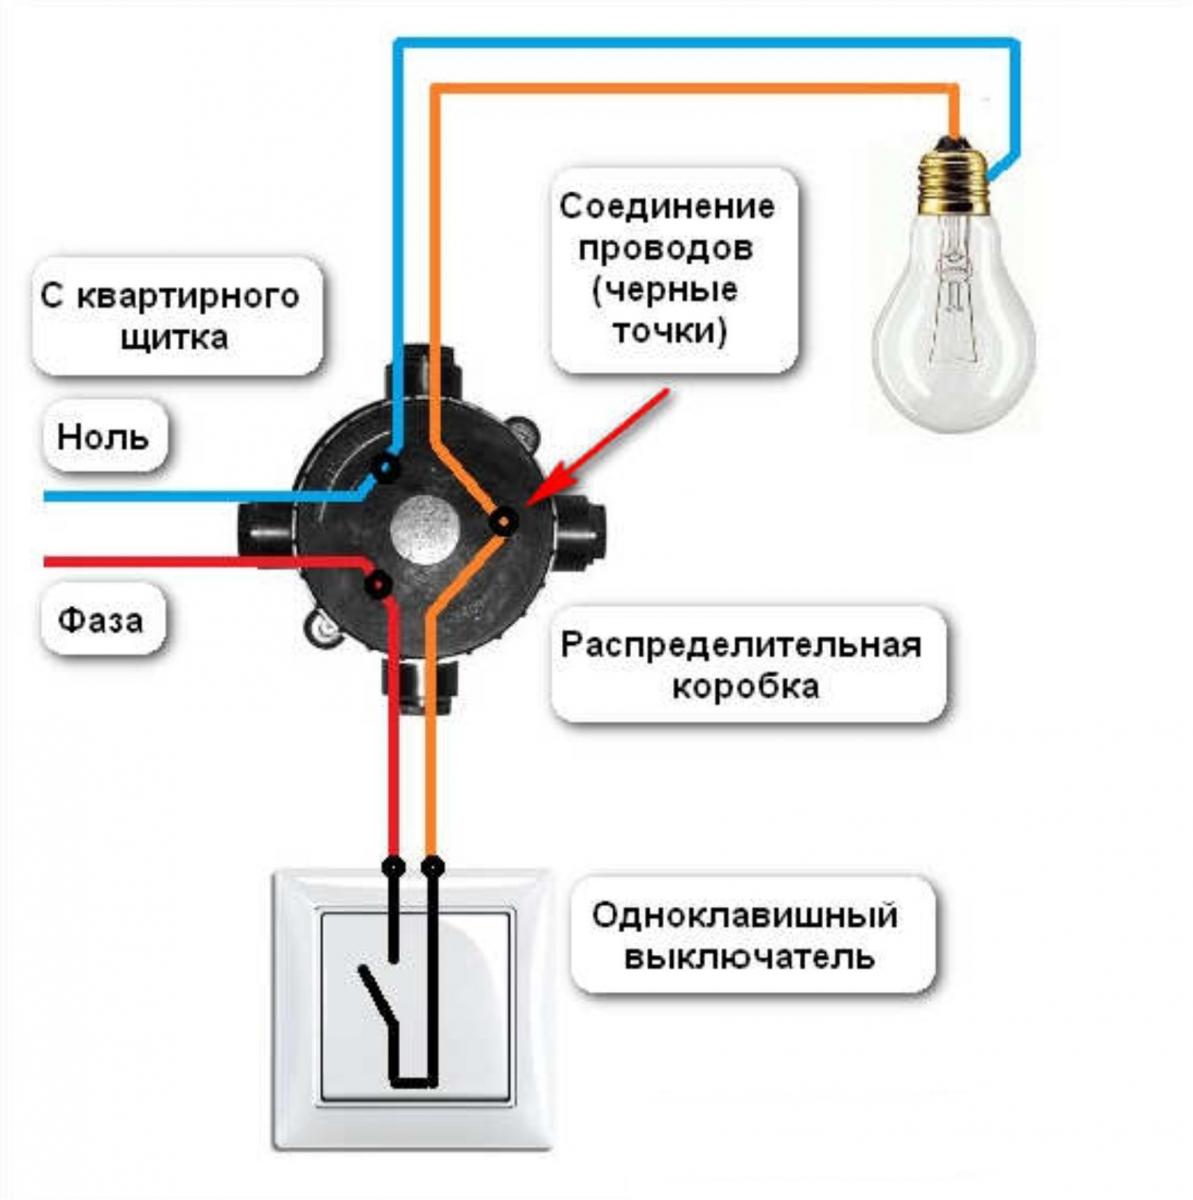 Схема подключения выключателя и лампочки